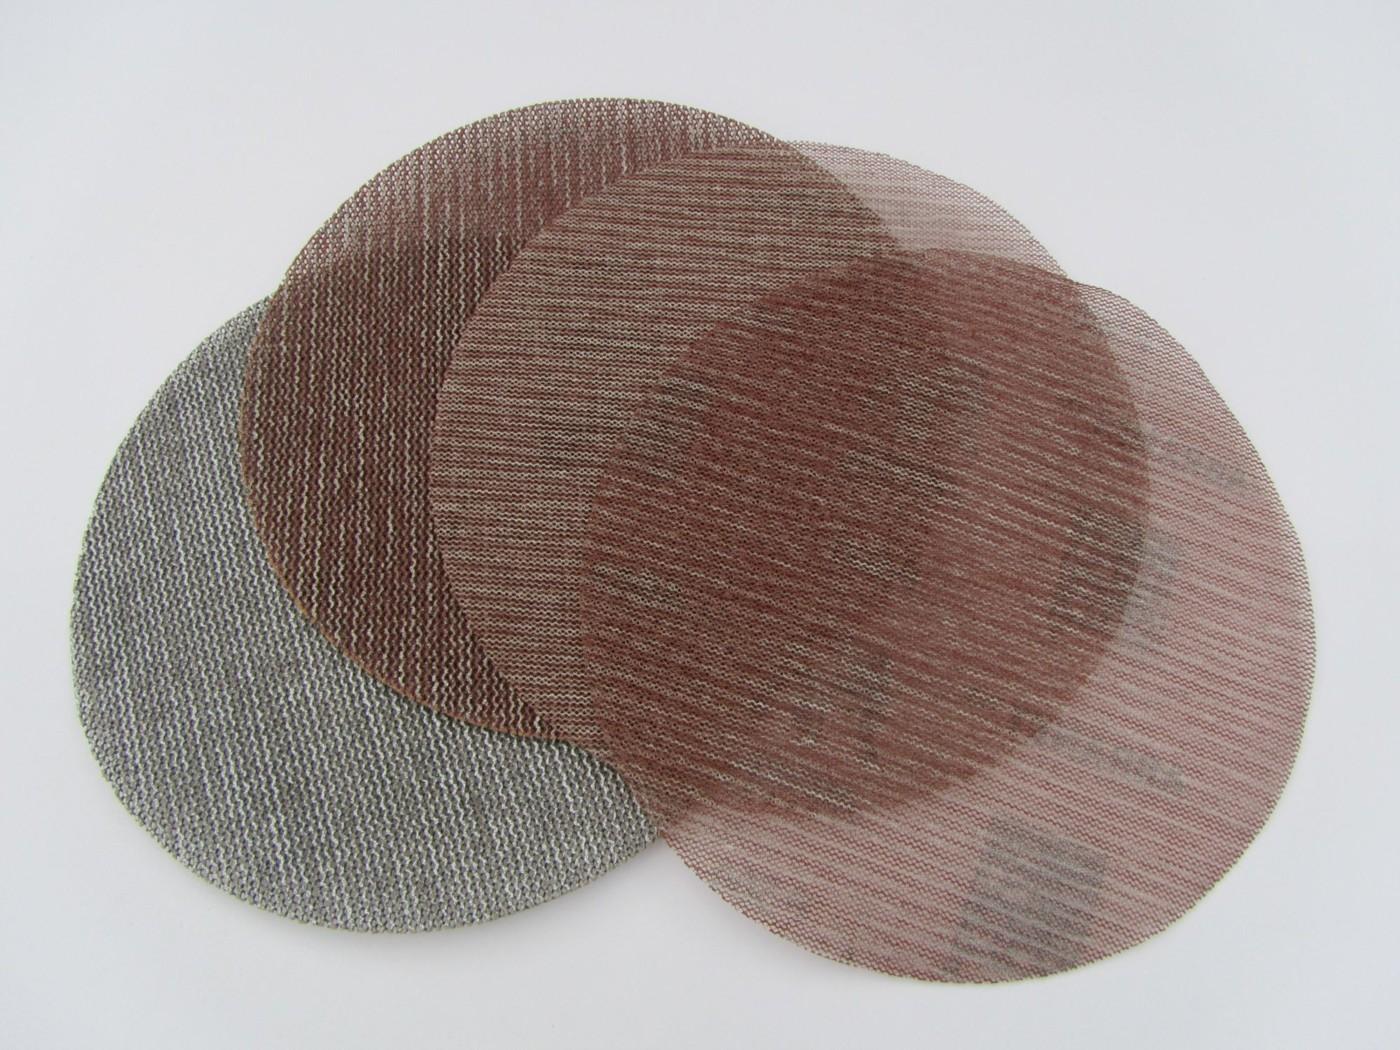 Abranet Net Sanding Pads